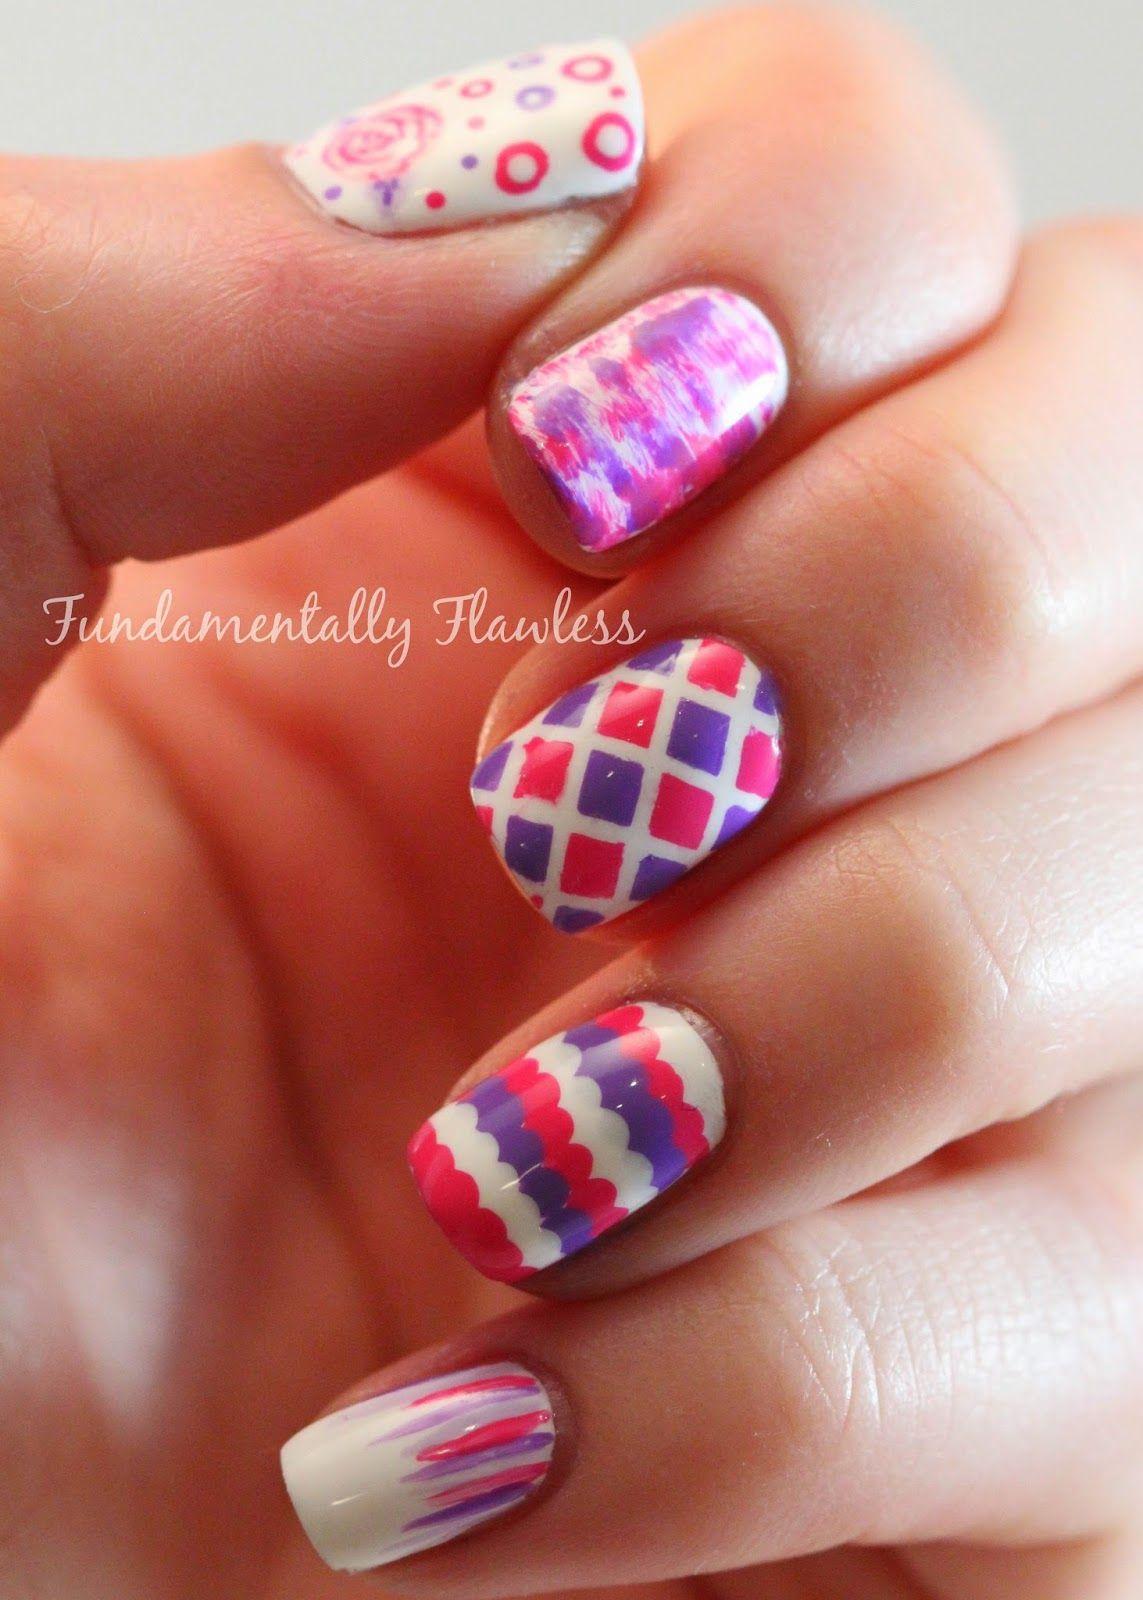 Fundamentally Flawless: Nail Art with new Models Own Nail Art Tool ...